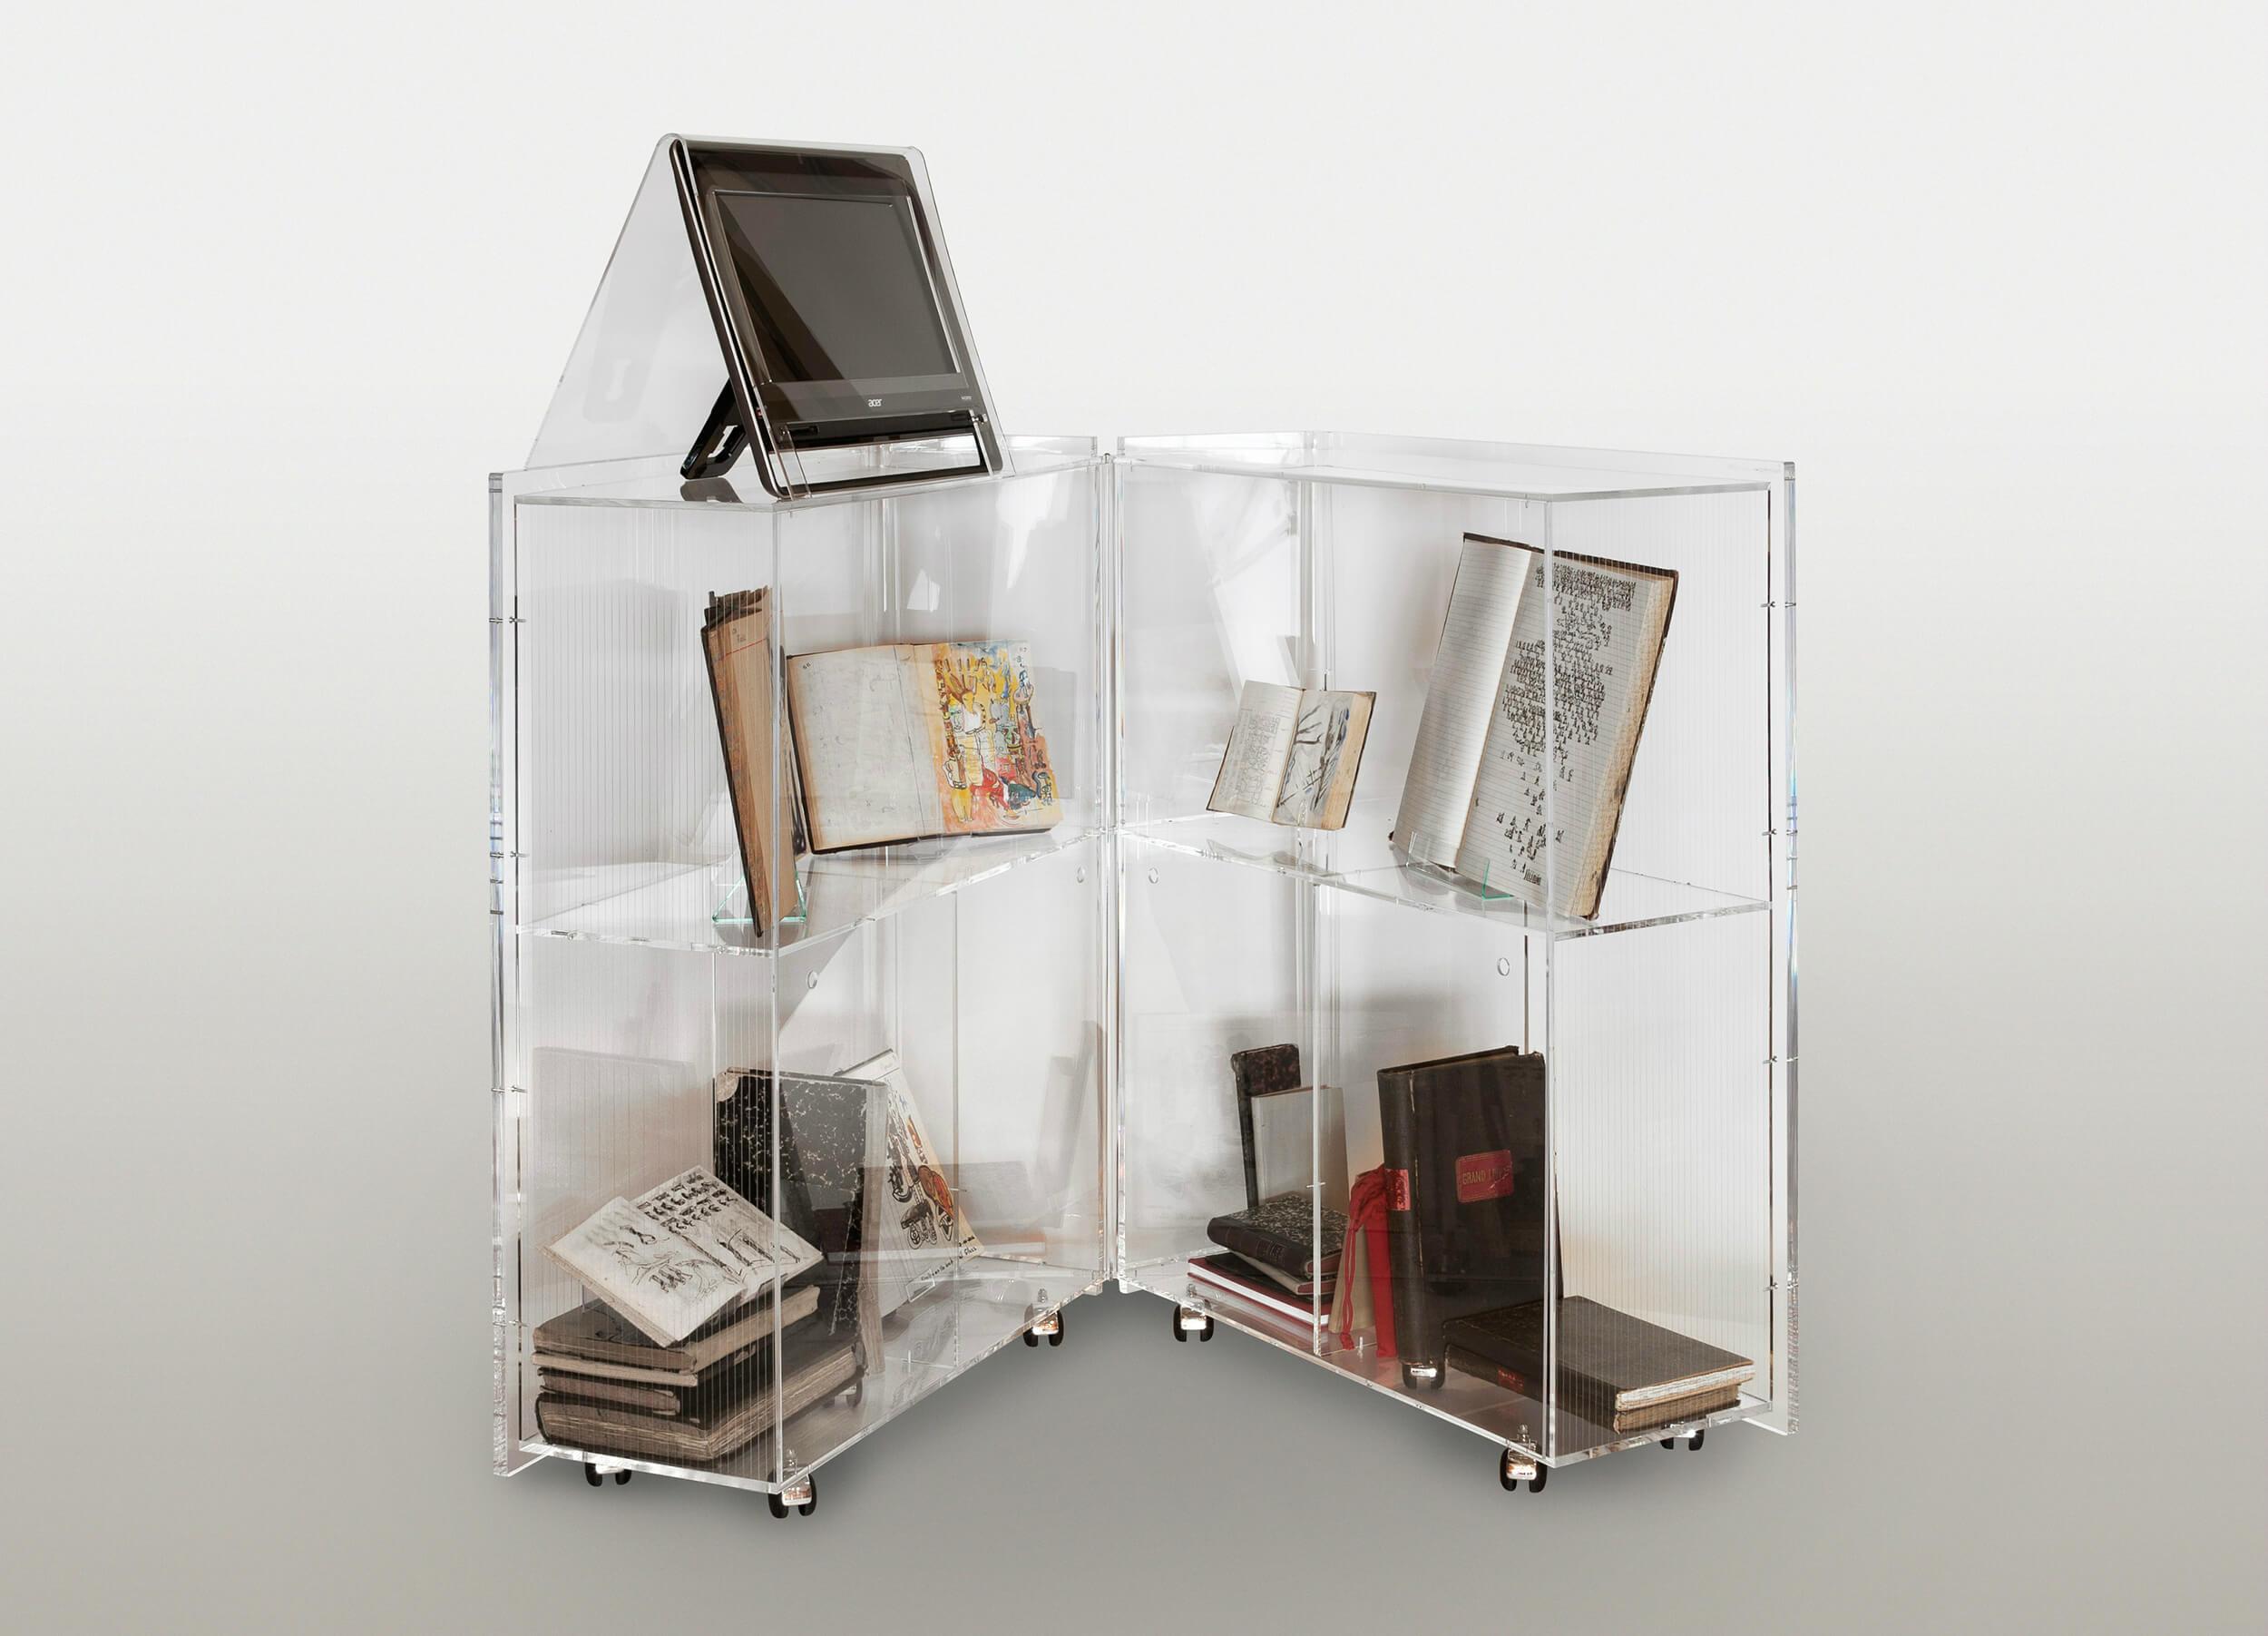 Gérard LHÉRITEAU - Tempo primo - Plexiglass, encre de Chine, aquarelle, acrylique sur registres anciens, 200 x 180 x 45 cm